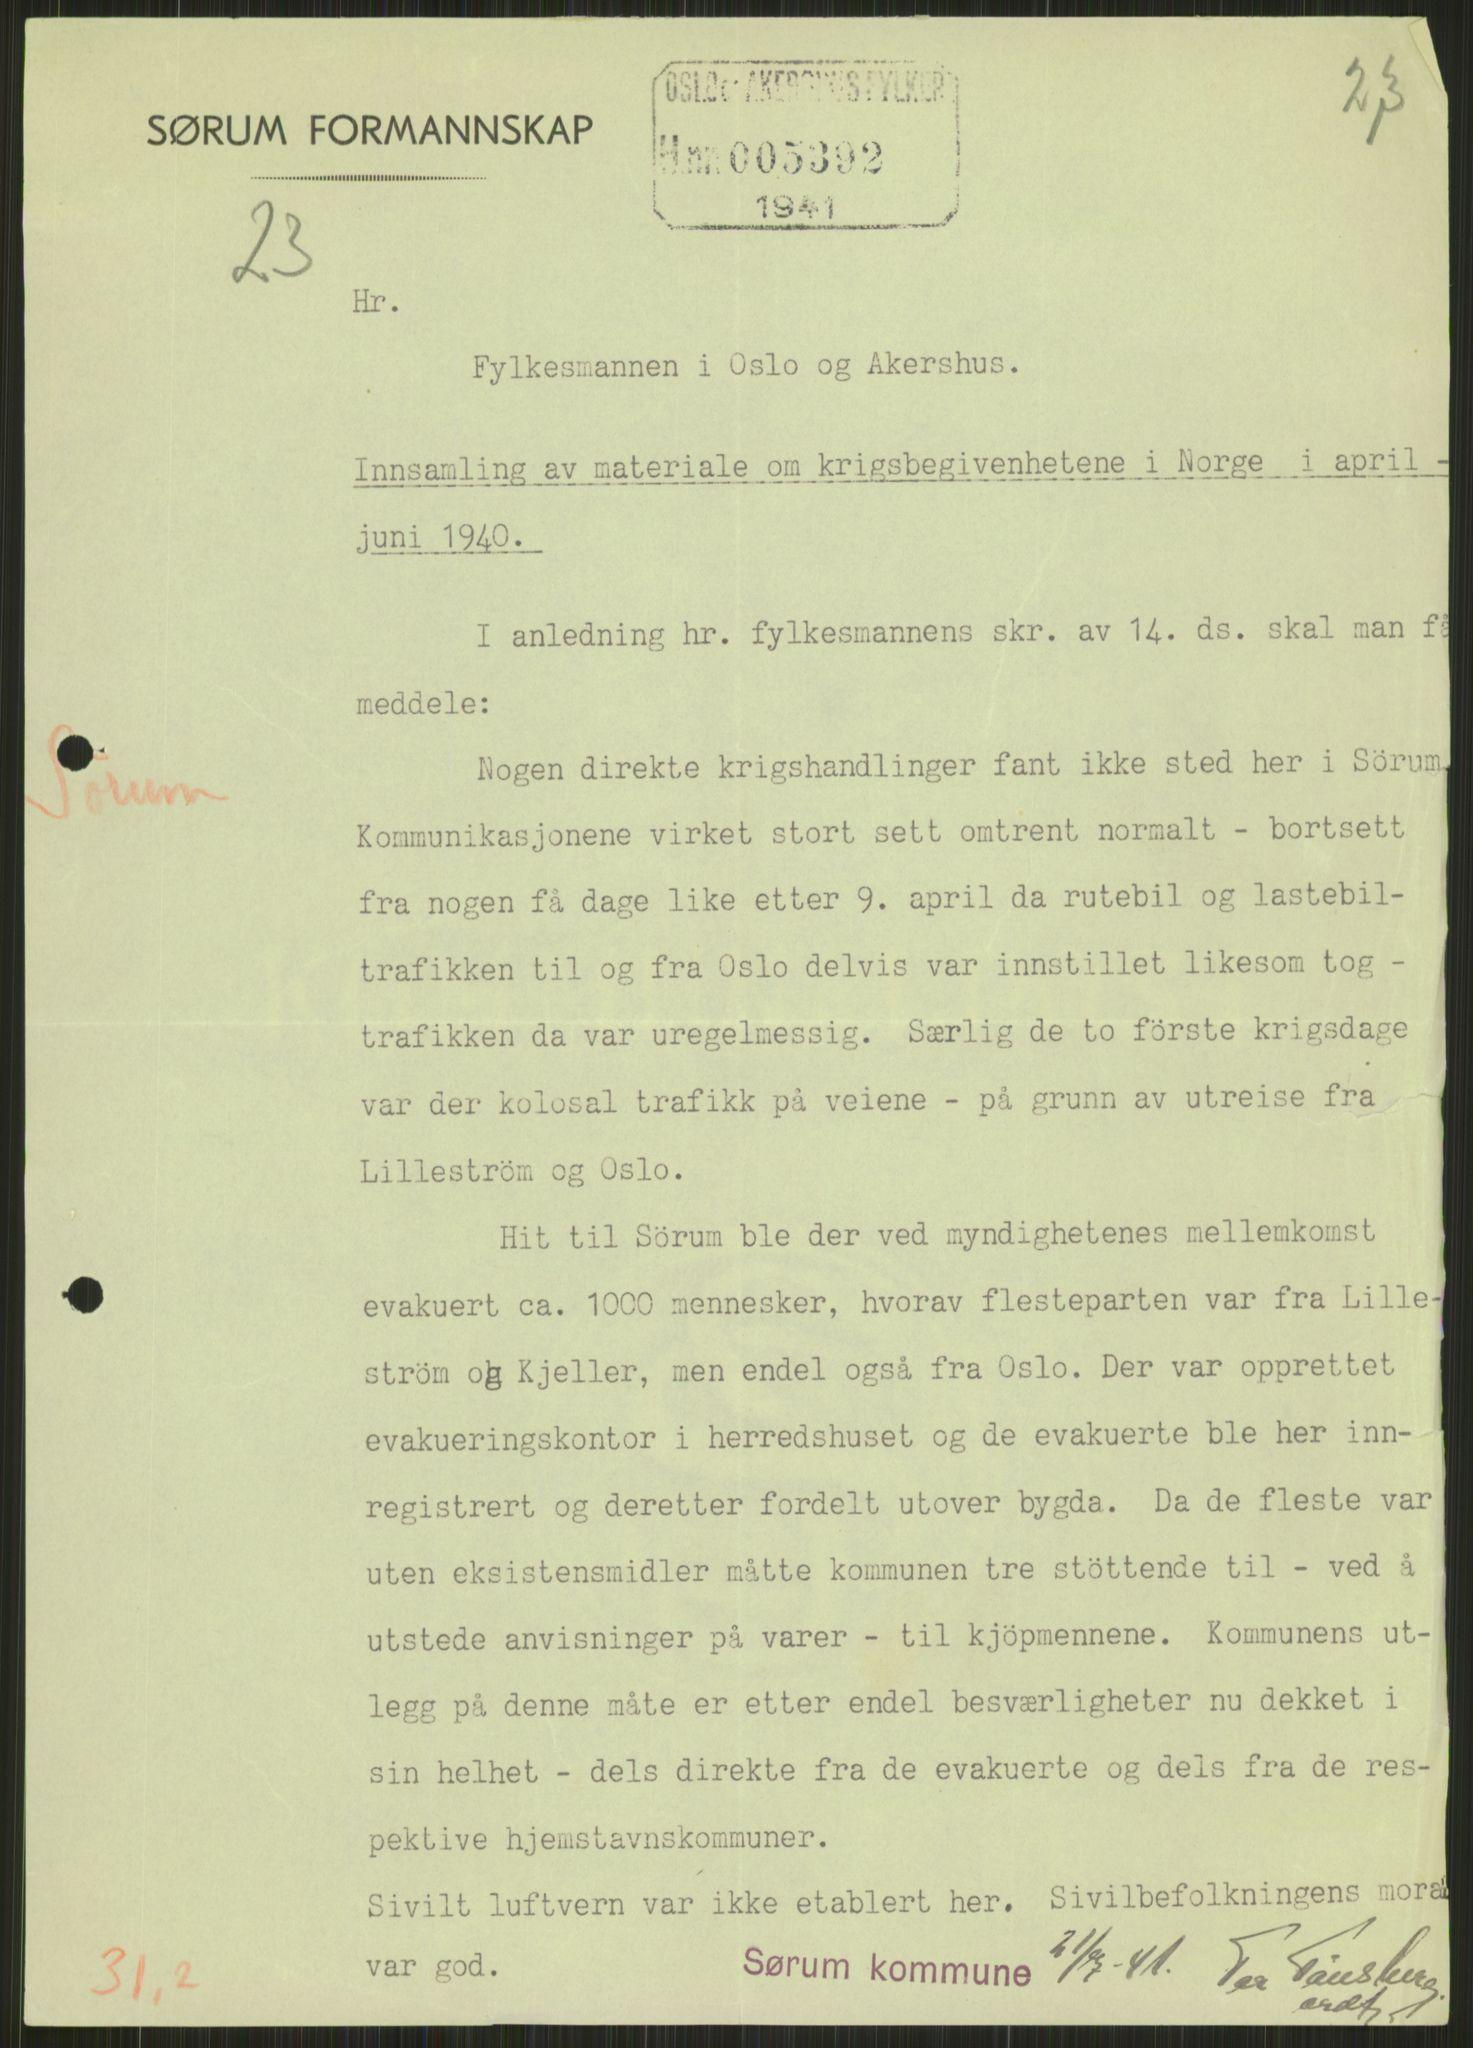 RA, Forsvaret, Forsvarets krigshistoriske avdeling, Y/Ya/L0013: II-C-11-31 - Fylkesmenn.  Rapporter om krigsbegivenhetene 1940., 1940, s. 836